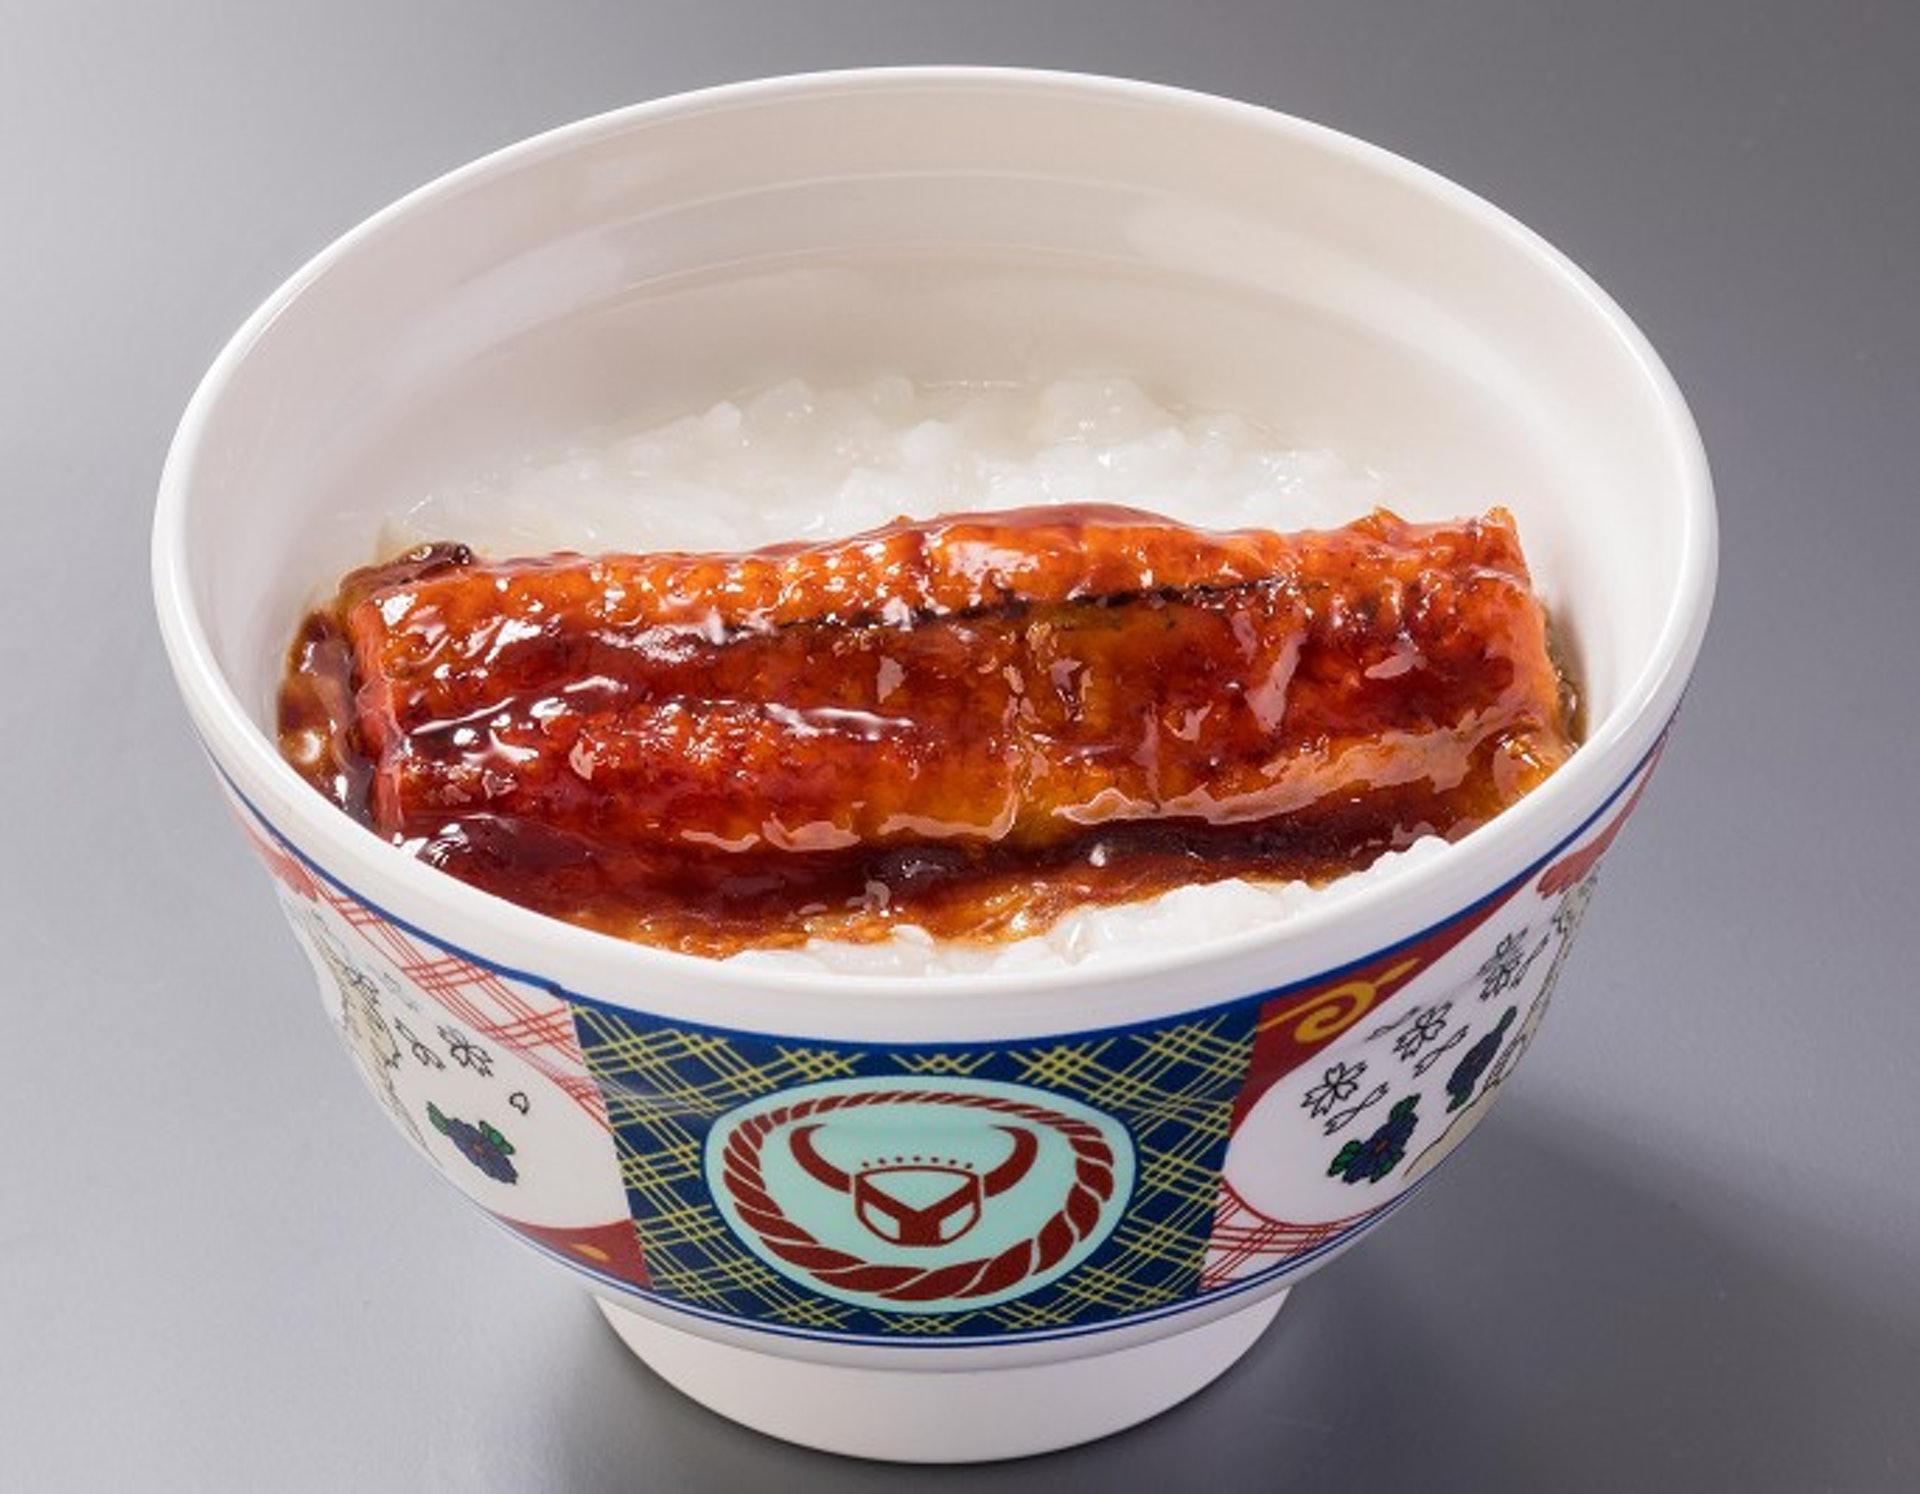 吉野家在今年推出的「燒鰻魚軟食」,使用了「凍結含浸法」進行加工。(圖片摘自日本吉野家網頁)